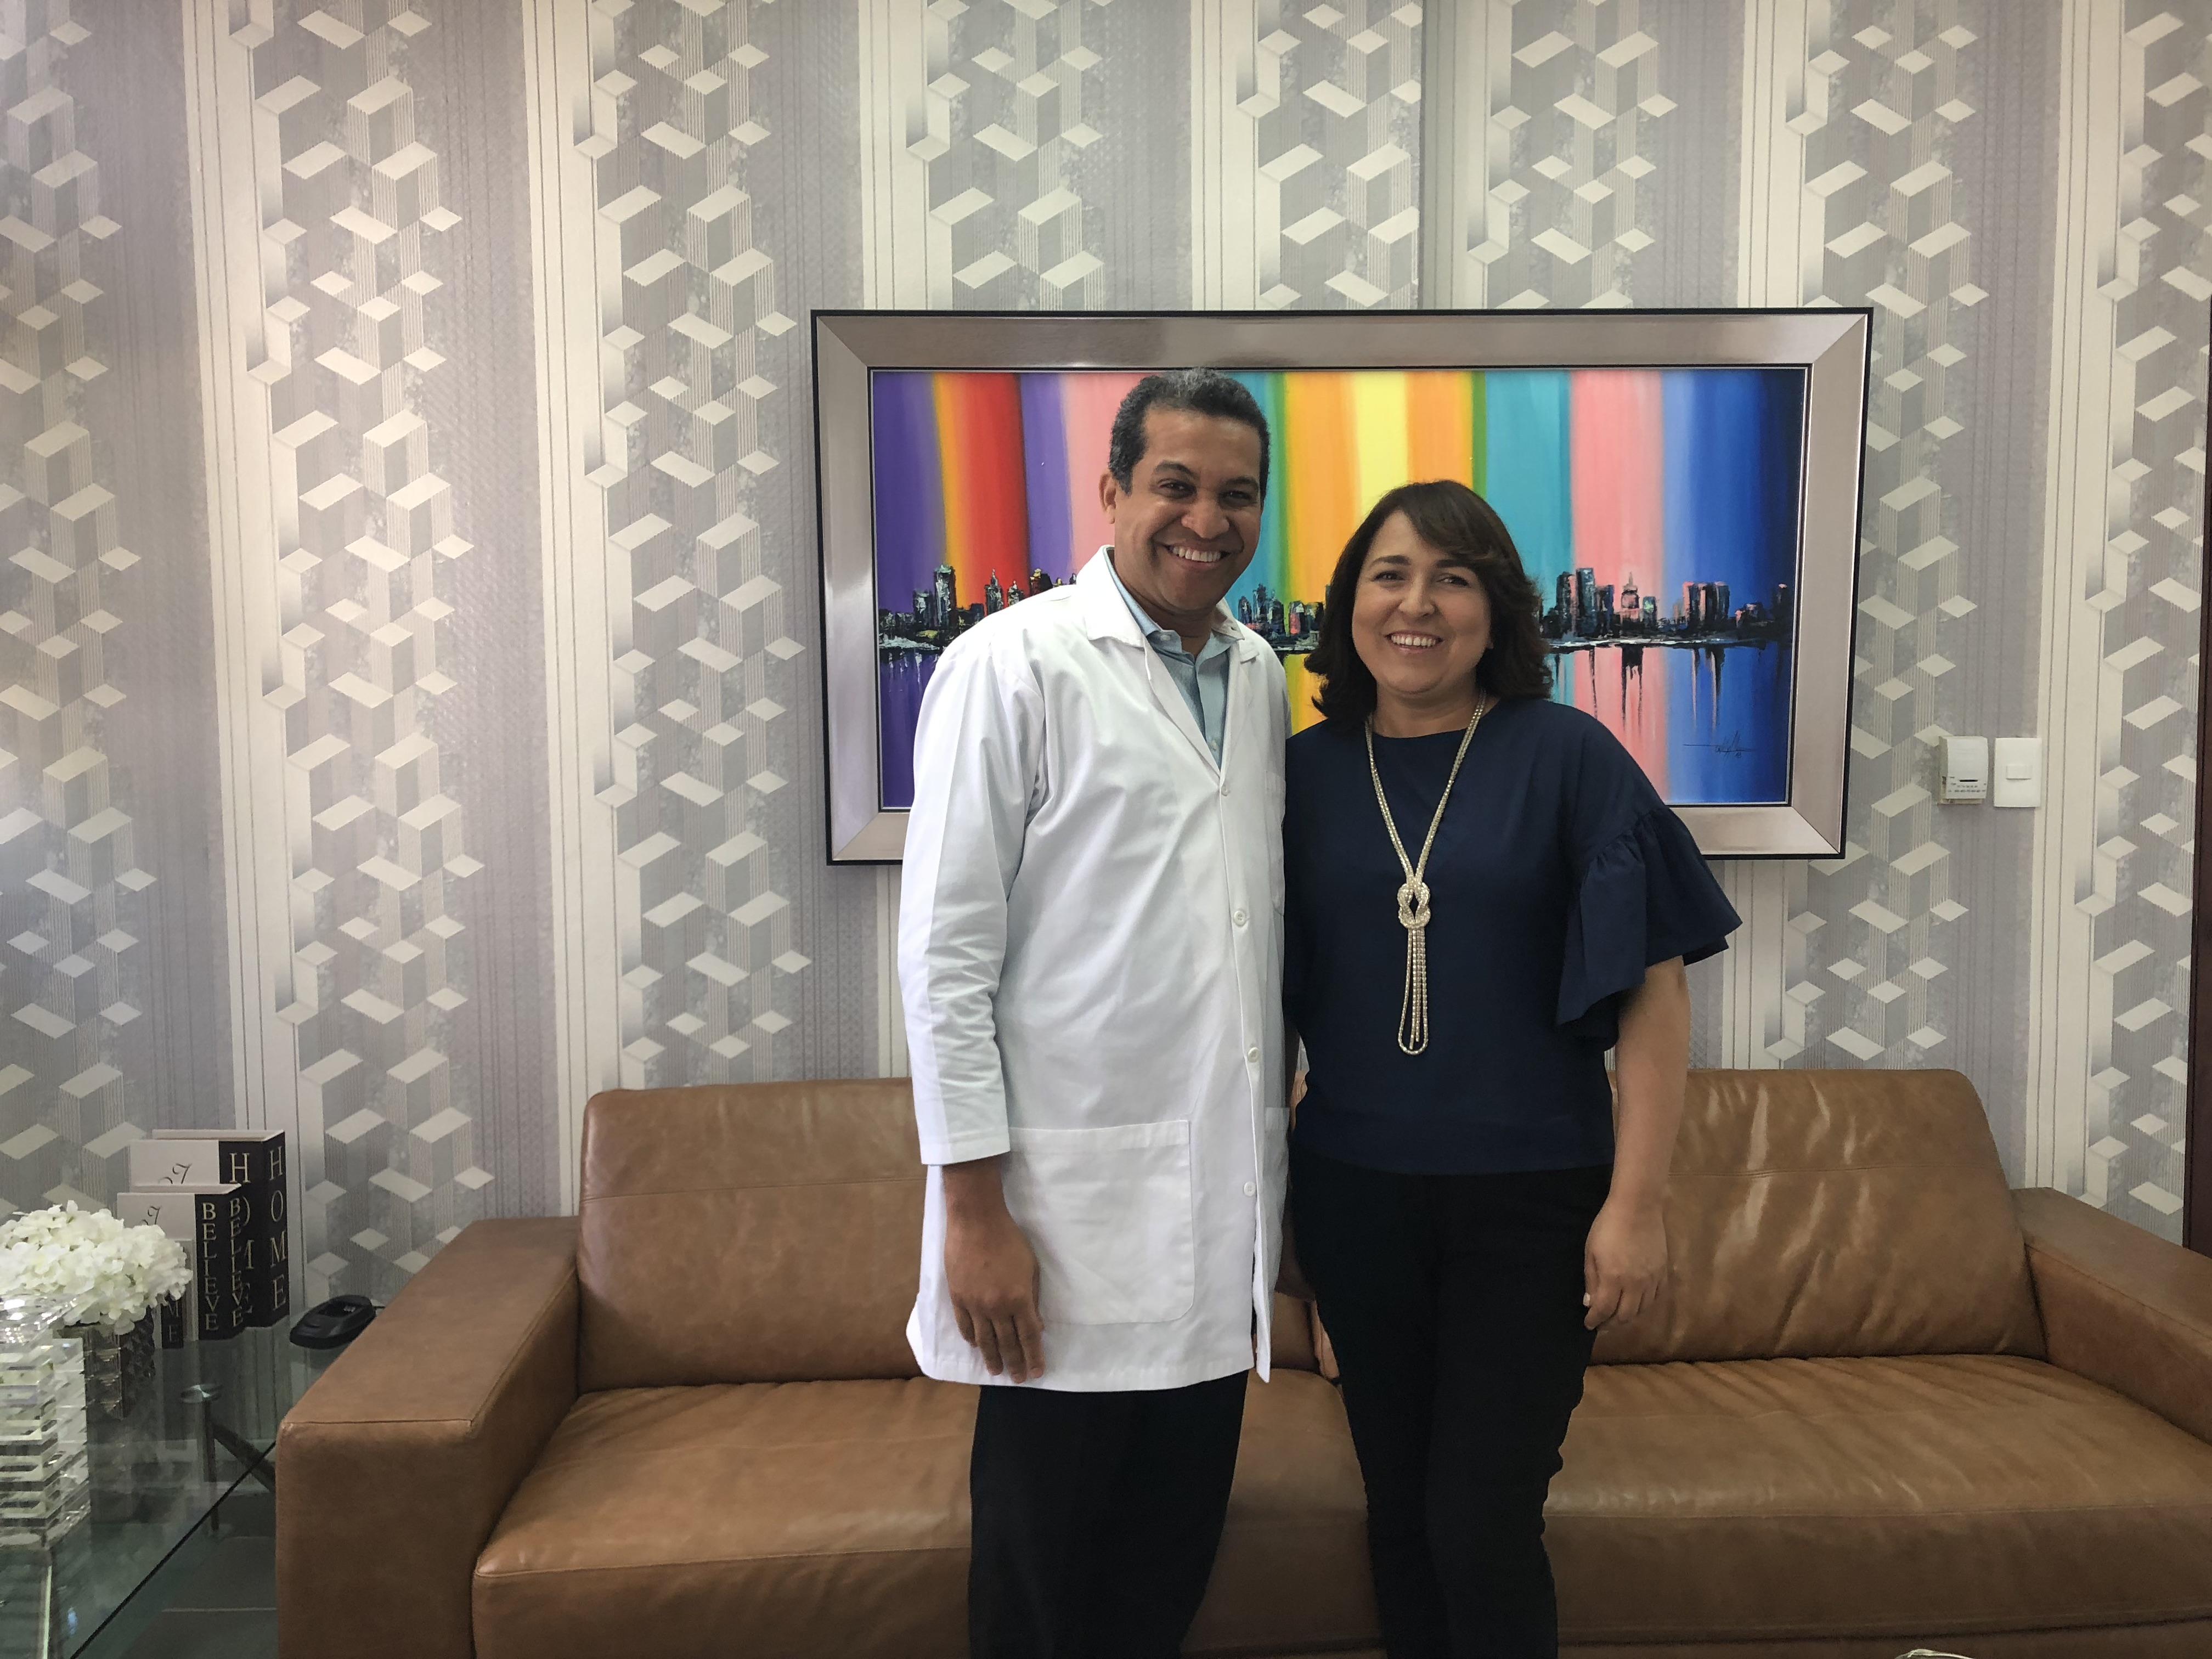 El cirujano Orlando Vargas junto a la periodista Emelyn Baldera presidente de Acroarte